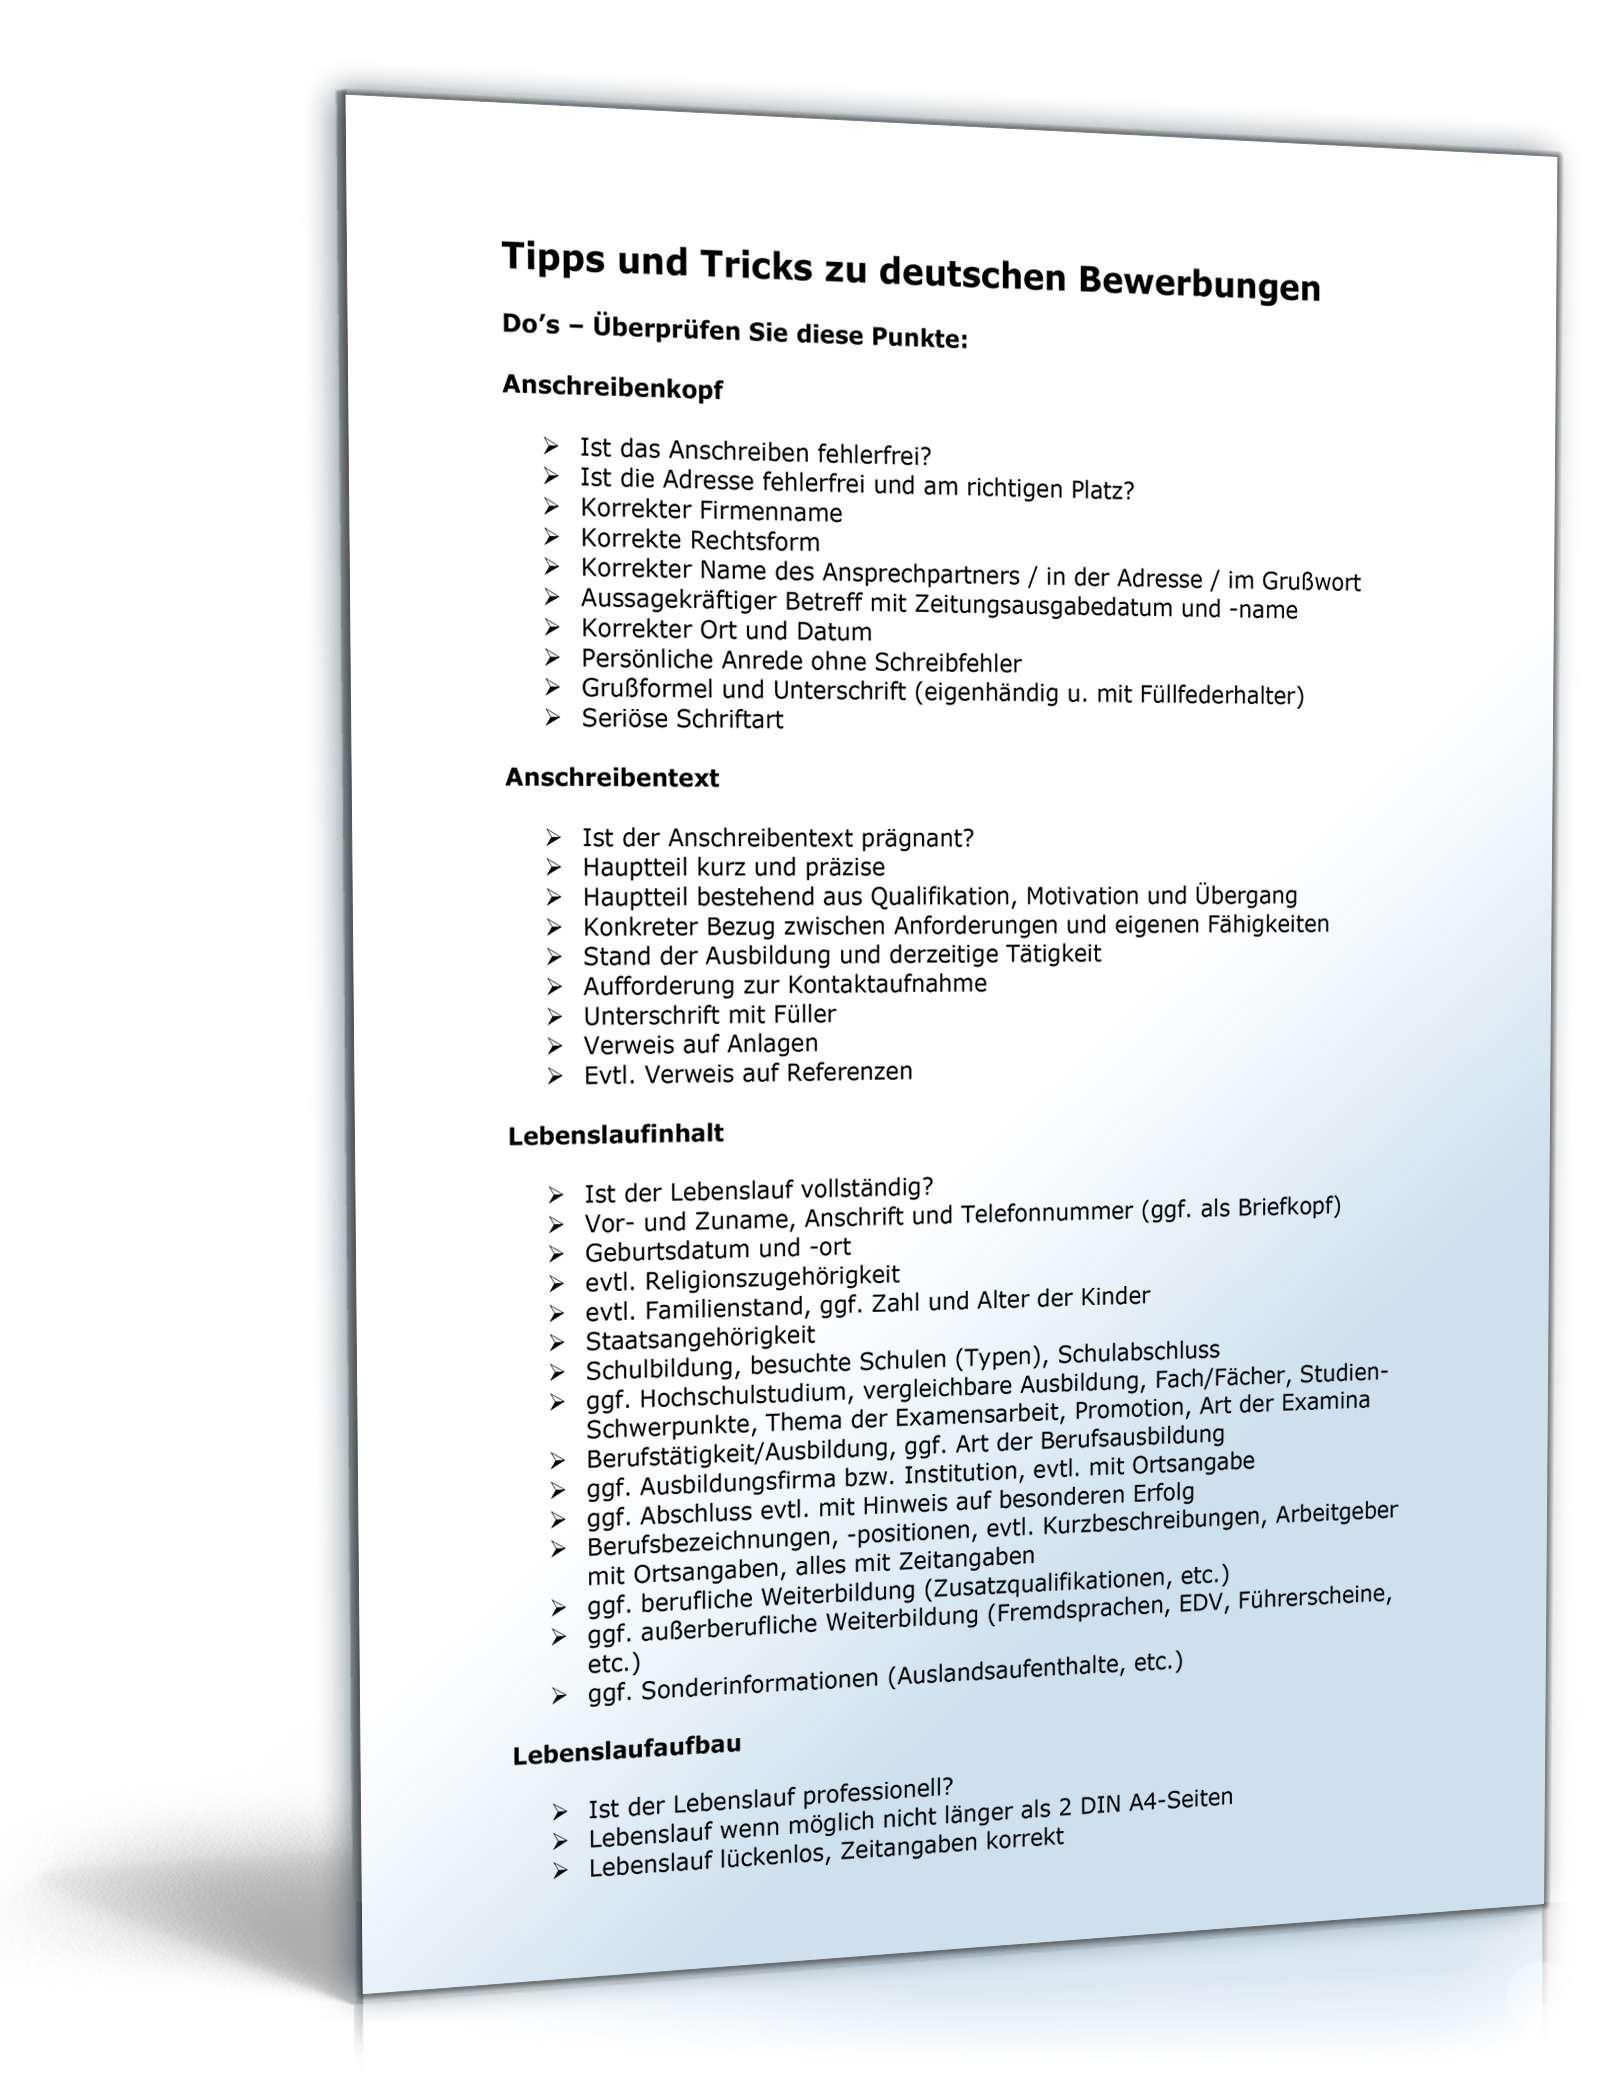 Erfreut Persönliche Referenzen Fortsetzen Probe Galerie - Entry ...